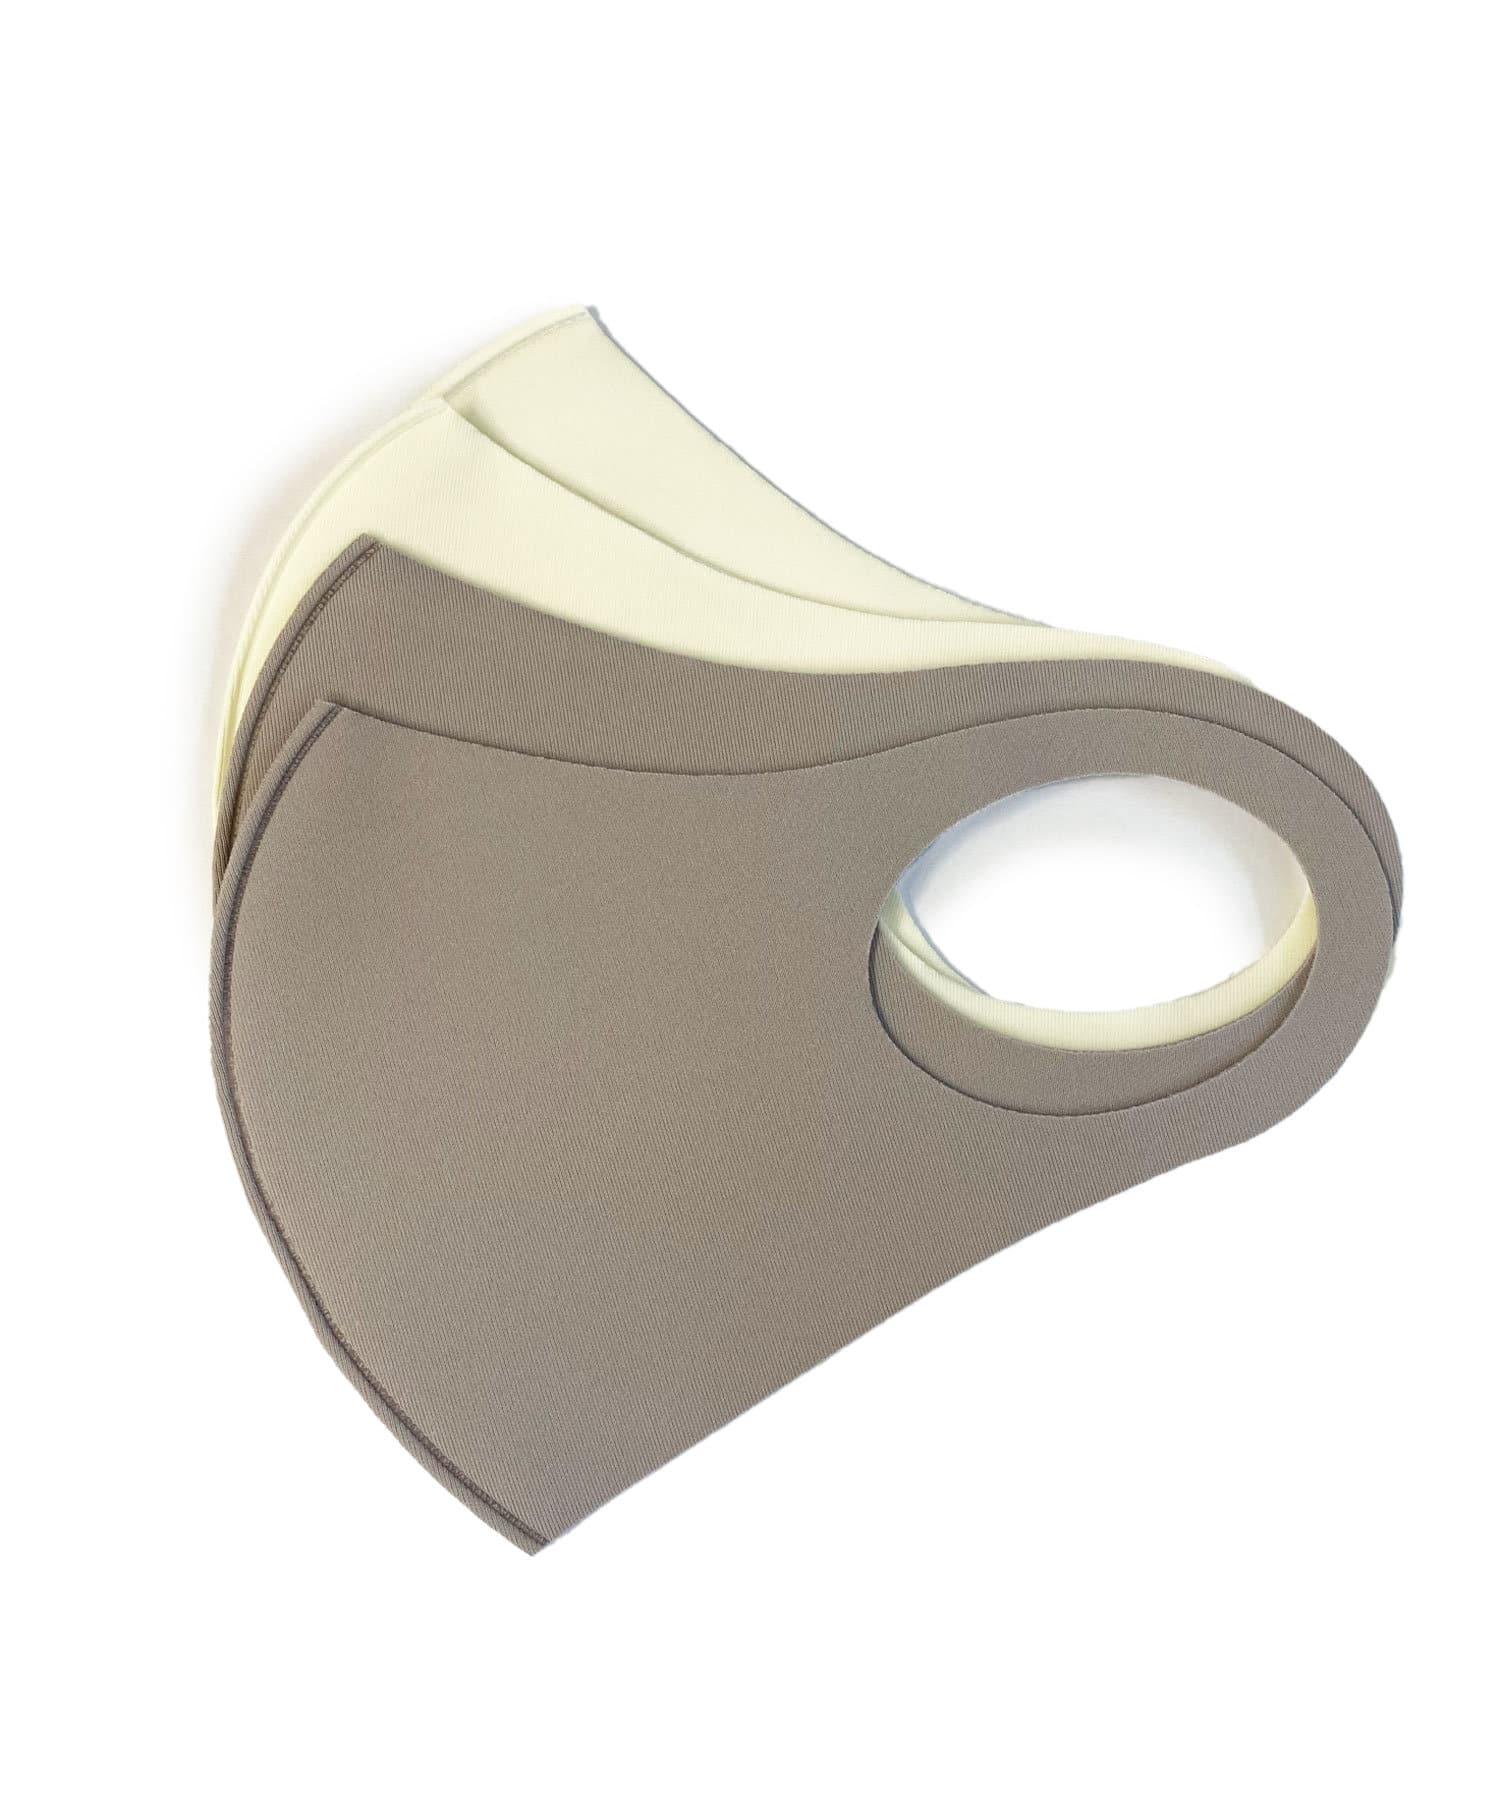 Lattice(ラティス) レディース 《ニュアンスカラー冷感抗菌マスク》4枚SET(小さめイズ) グレー